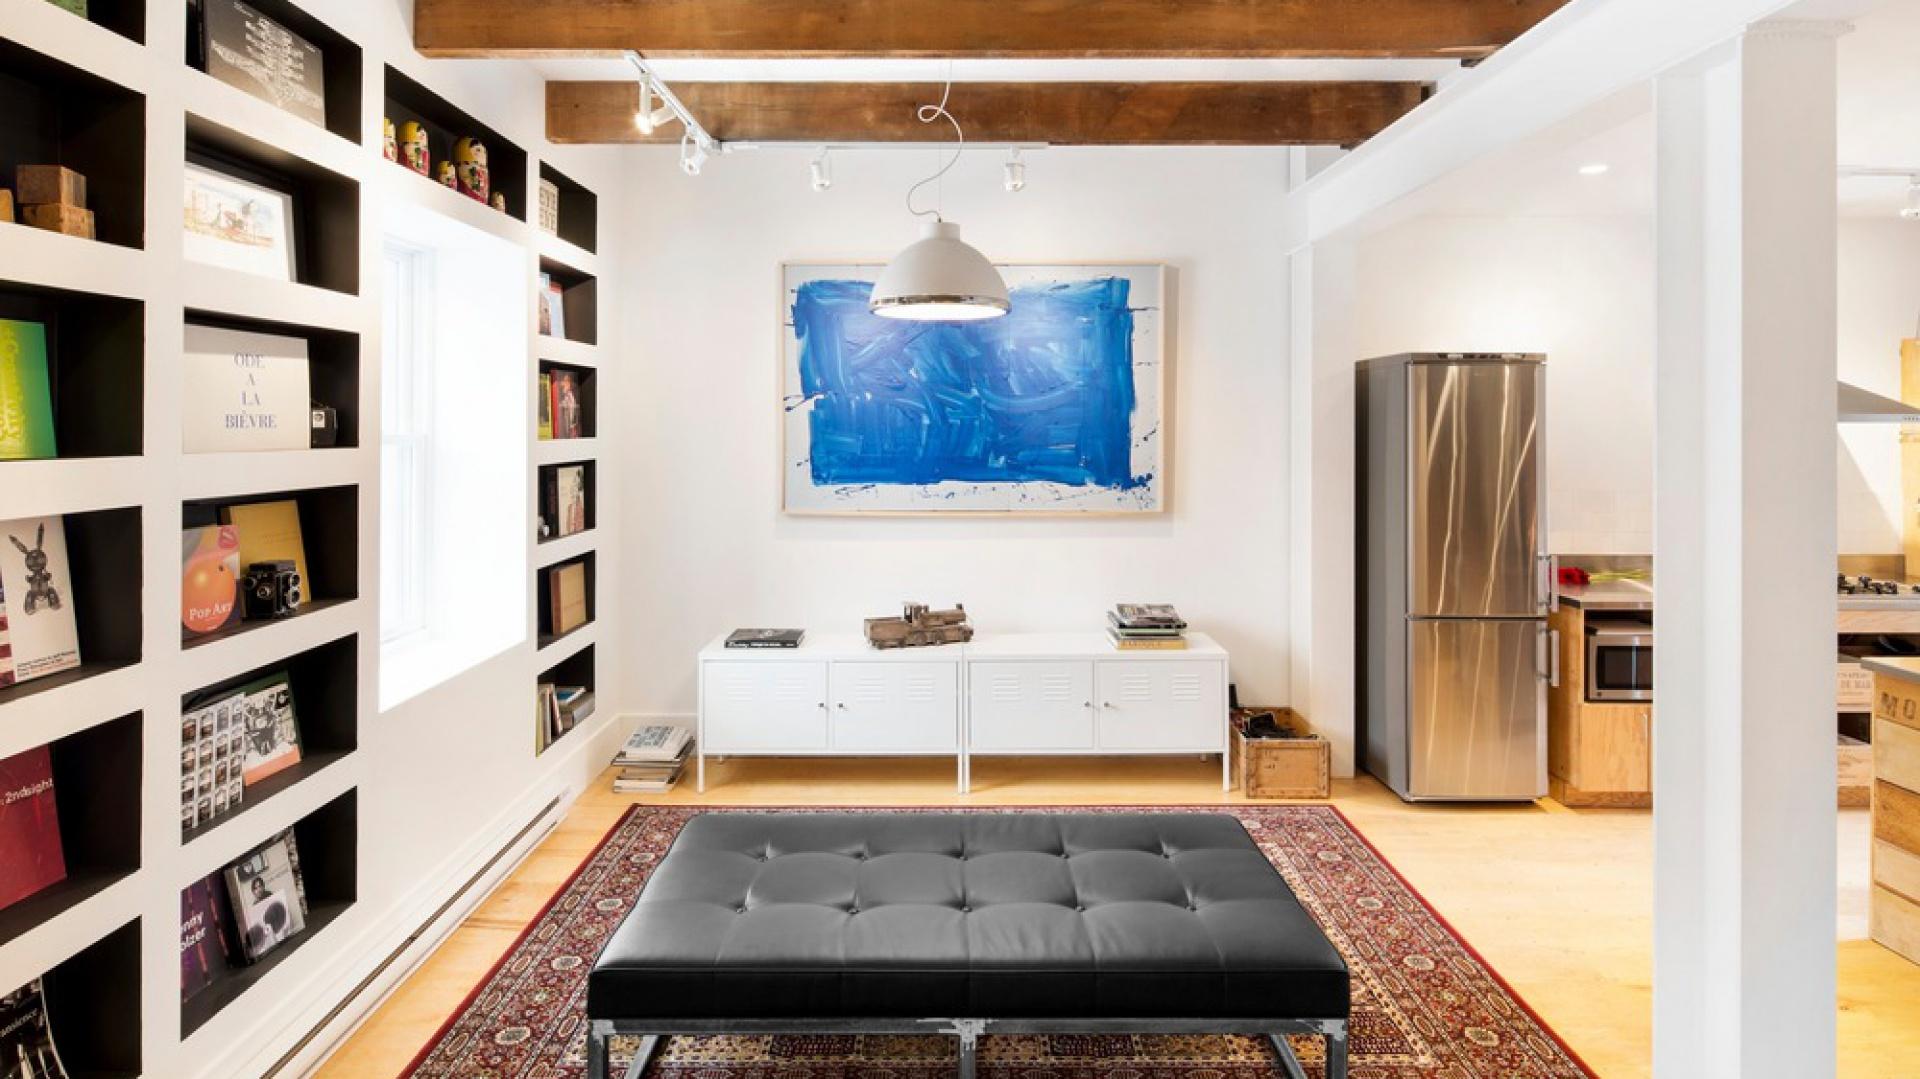 Odsłonięte stare drewniane belki wyeksponowano na tle białego sufitu i ścian. Projekt: MARK+VIVI. Fot. Adrien Williams.